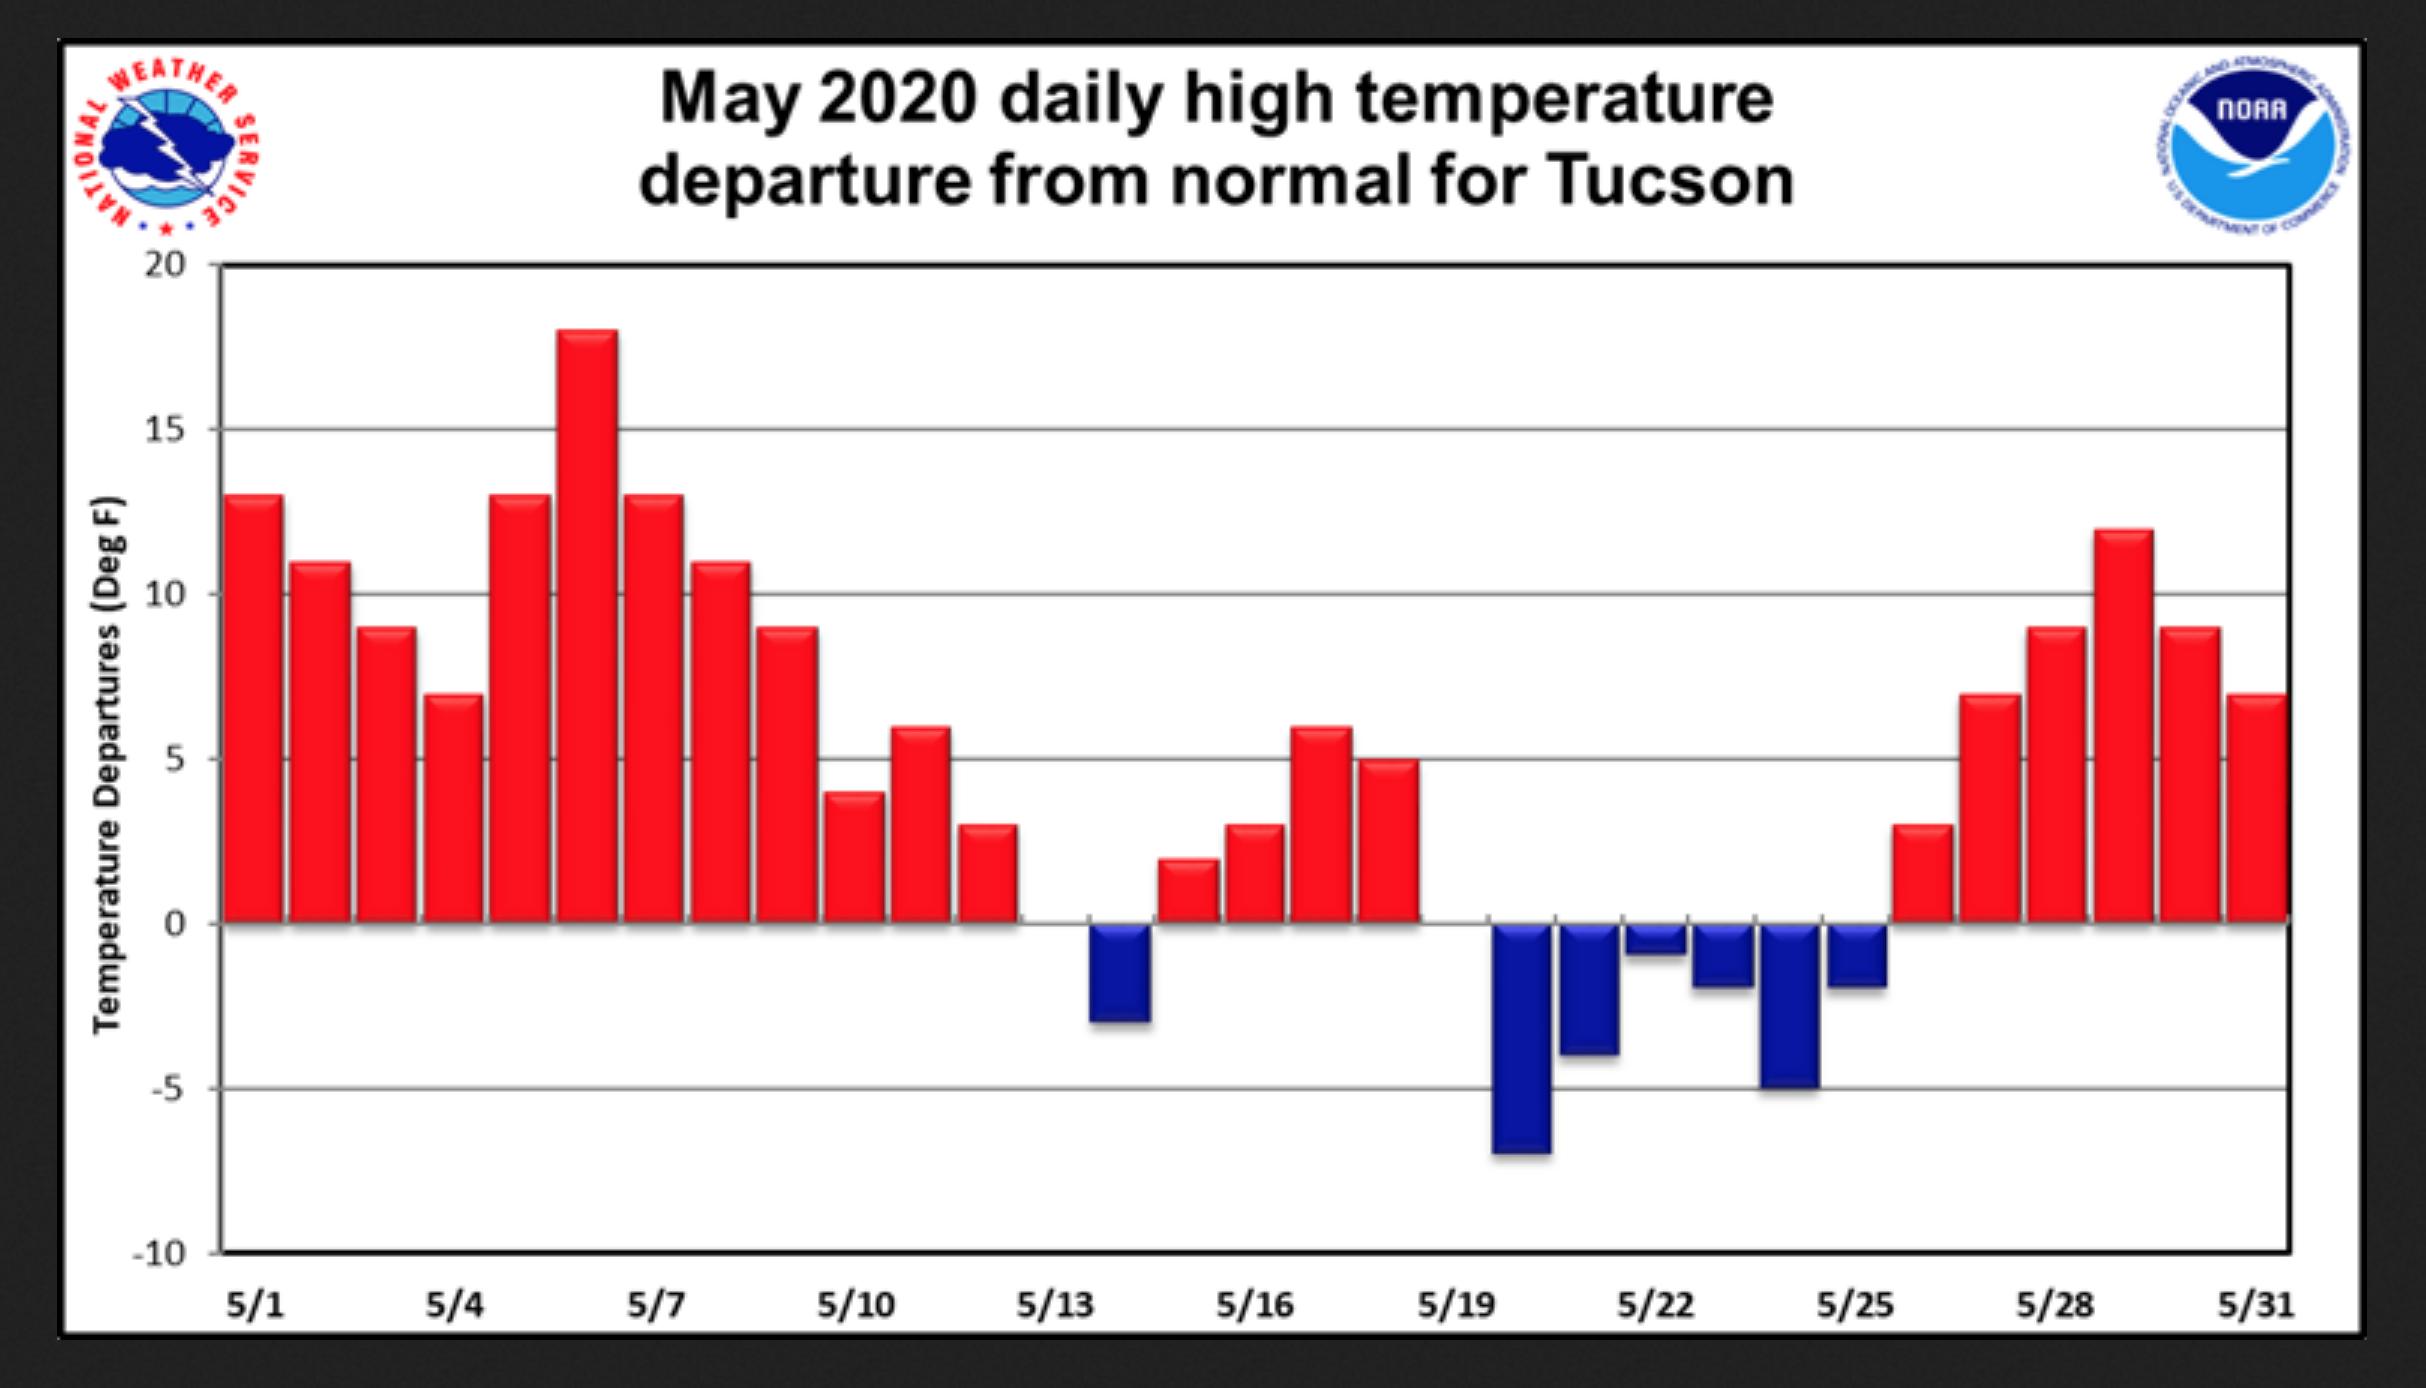 May 2020 heat